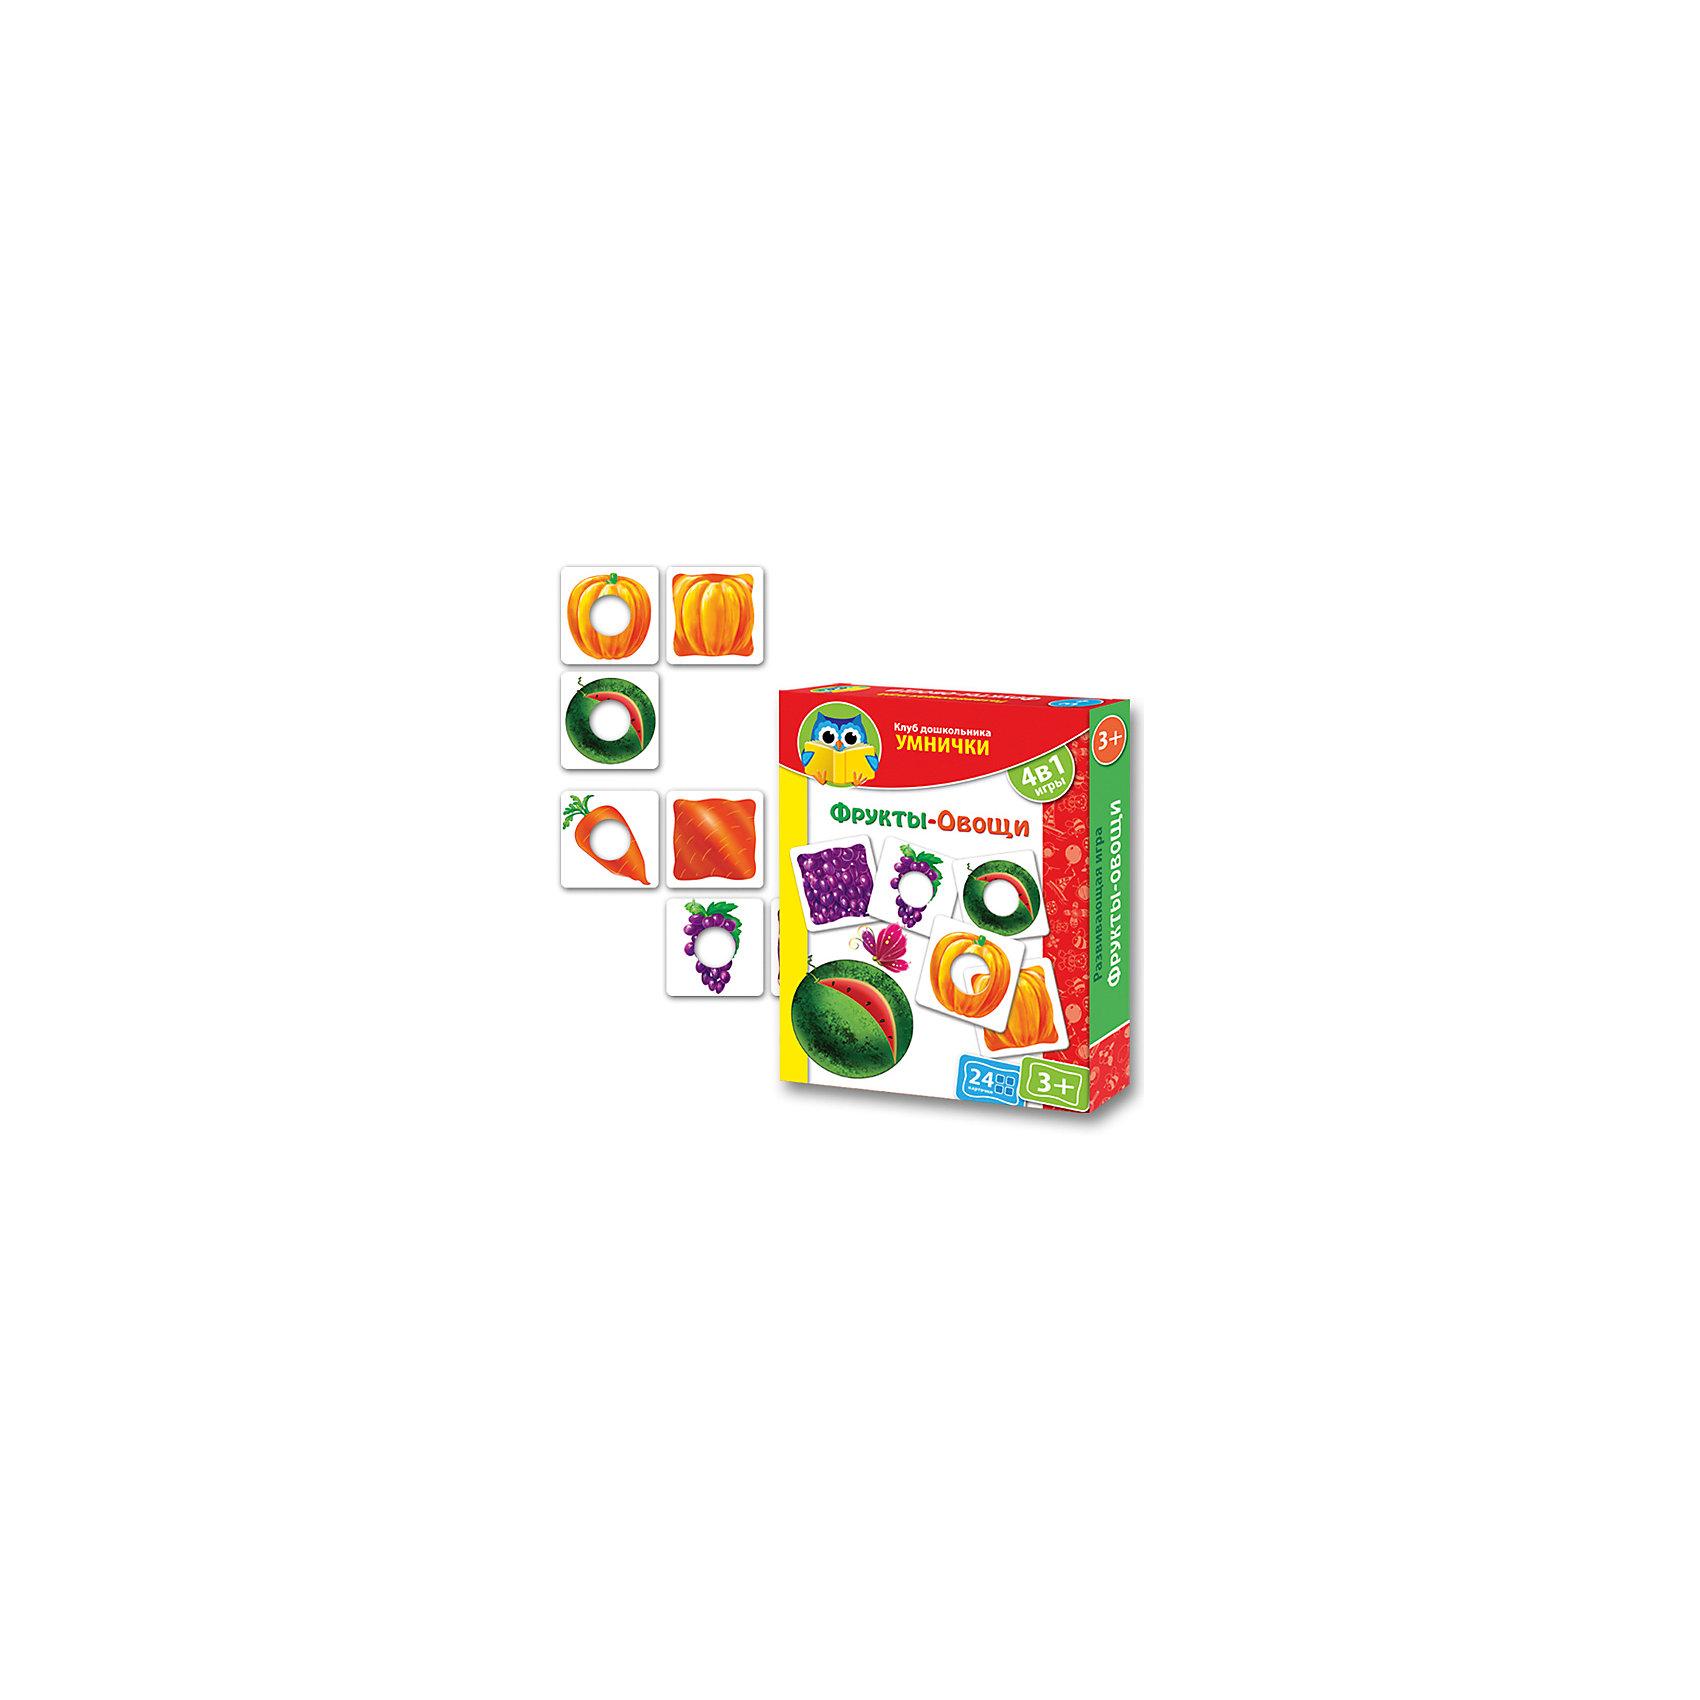 Vladi Toys Игра Фрукты-Овощи, Vladi Toys настольная игра росмэн овощи фрукты ягоды 20988